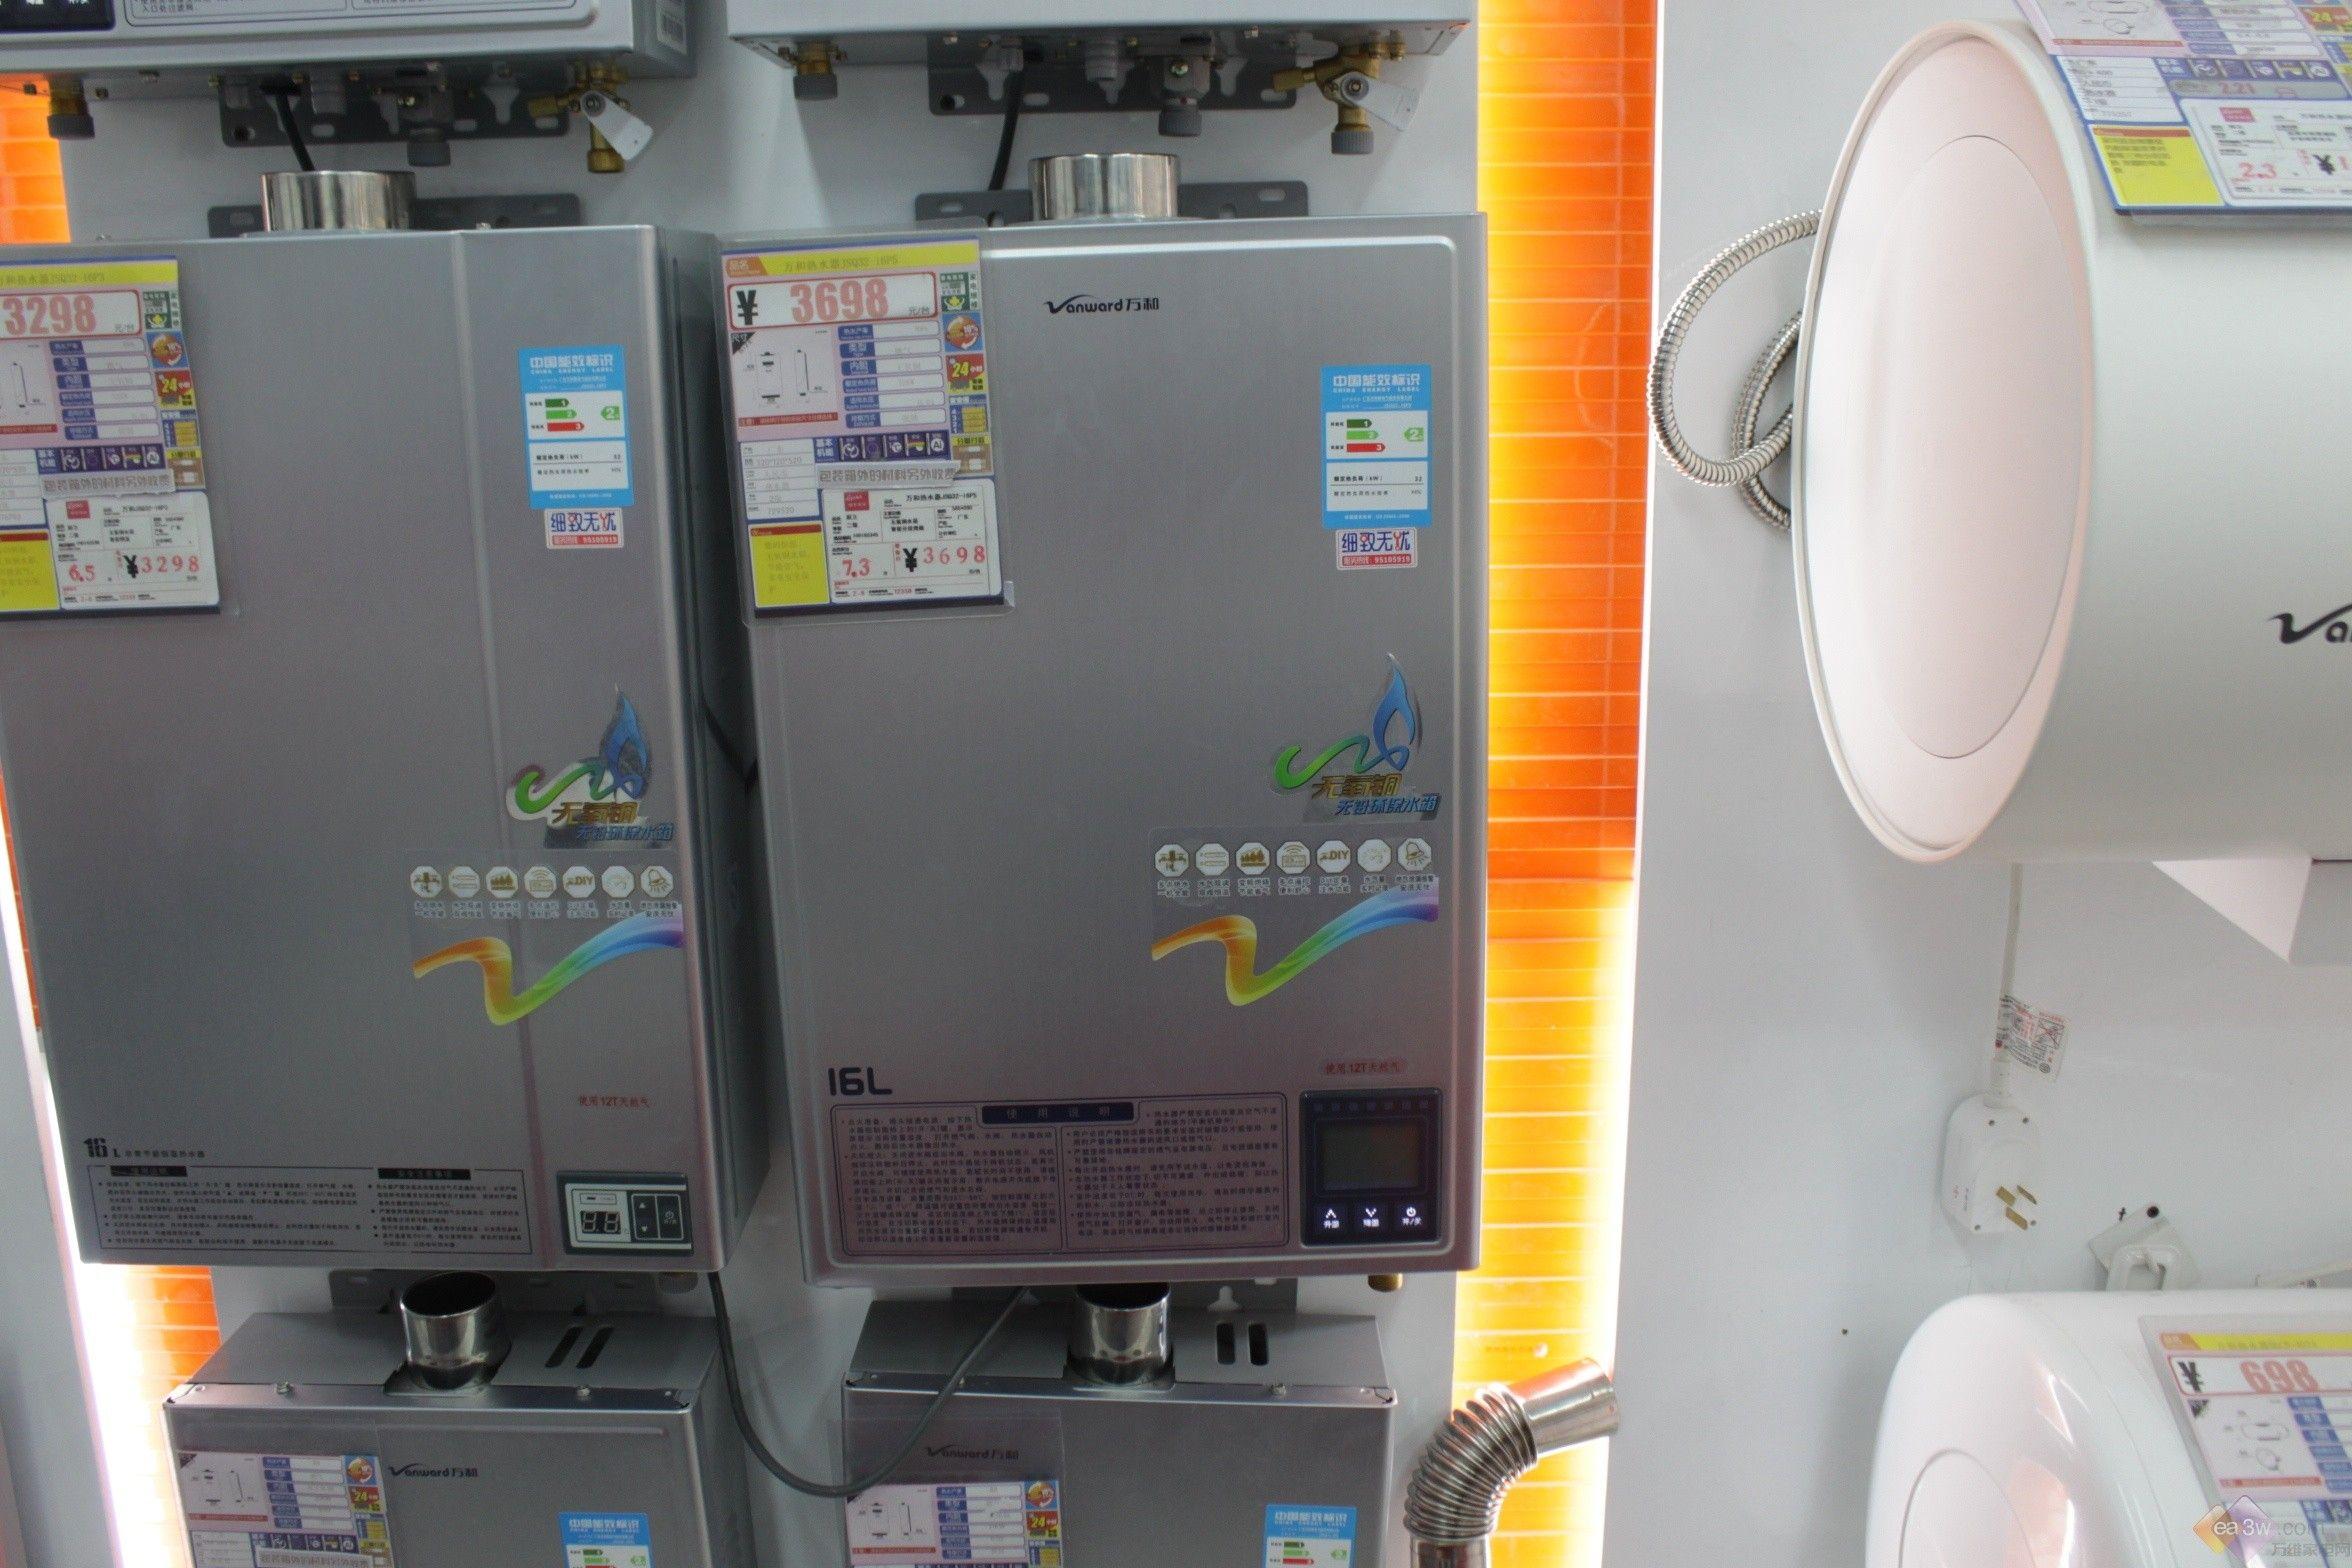 【万和燃气热水器jsq32-16p5】万和燃气热水器jsq32